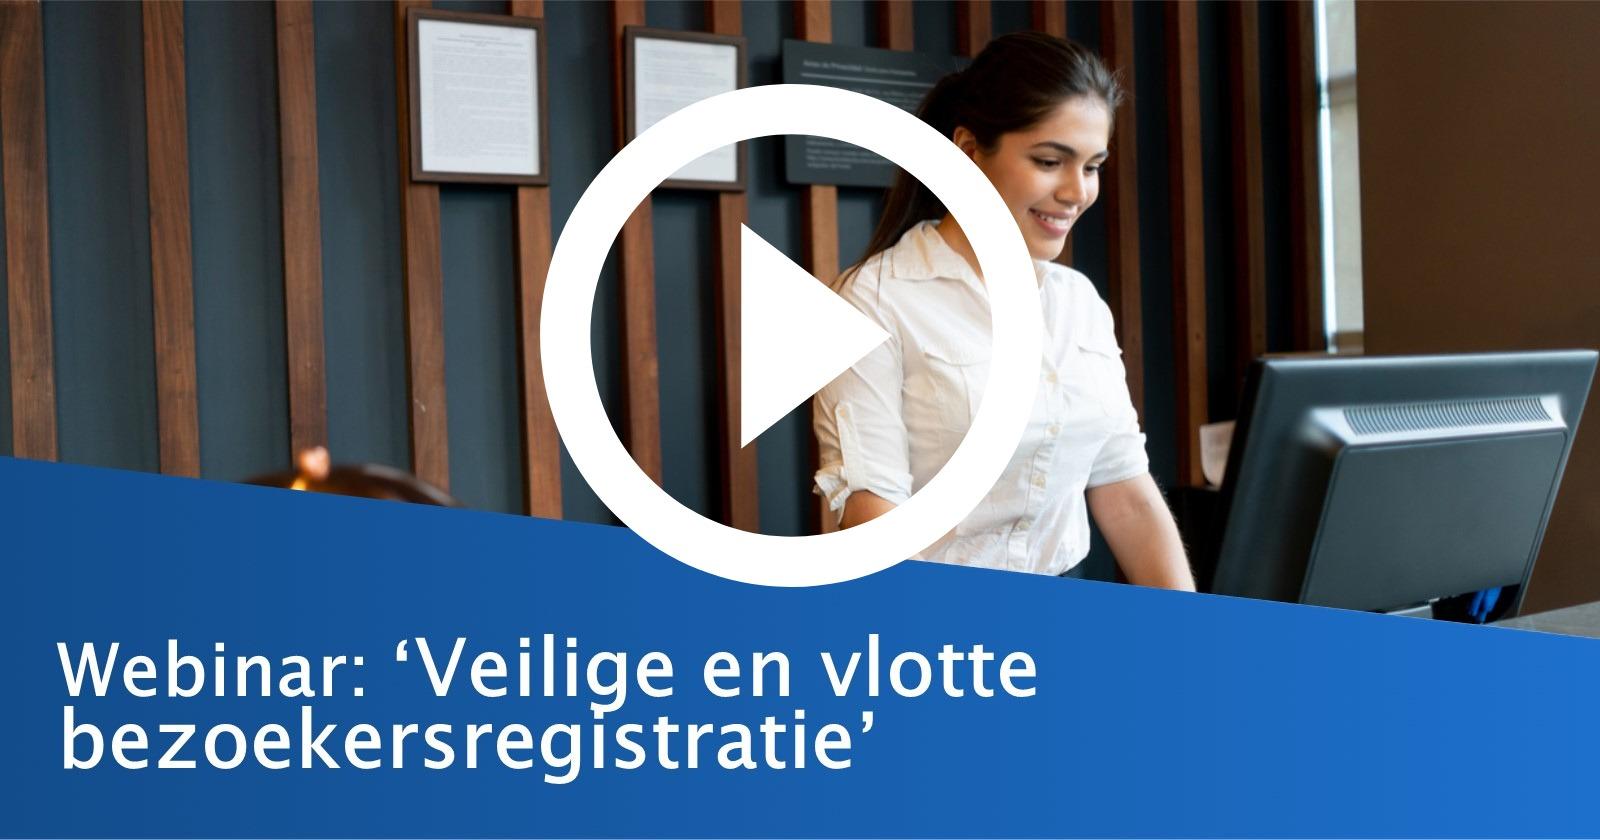 Bezoekersregistratie efficiënt digitaal document beheer? Kijk het webinar 2